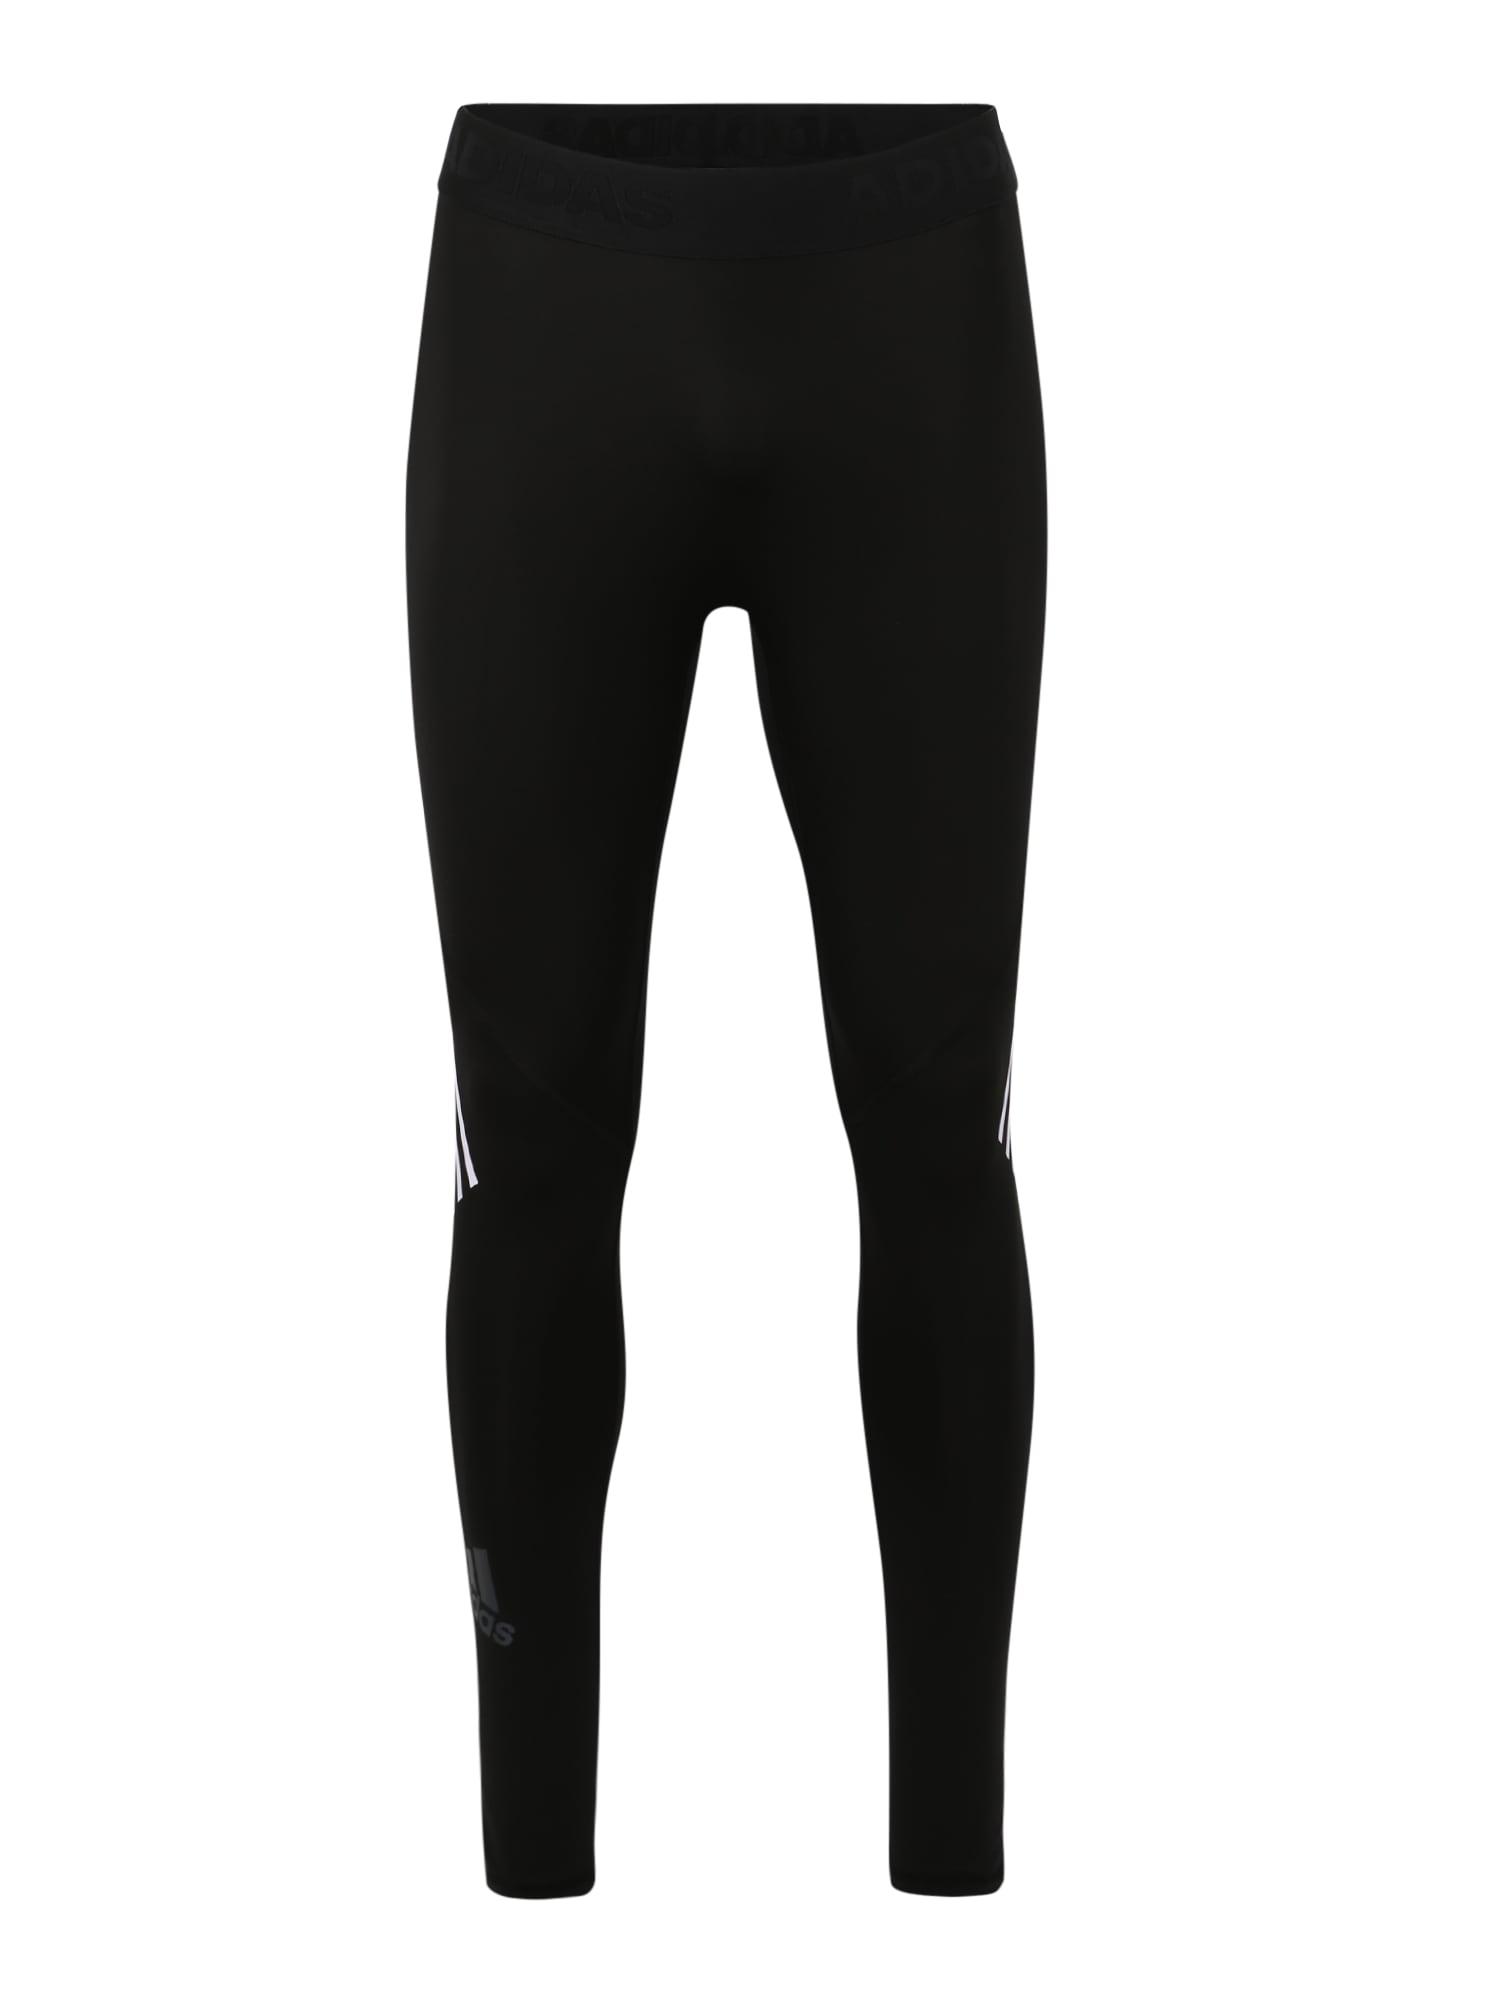 Sportovní kalhoty ASK SPR LT 3S černá ADIDAS PERFORMANCE